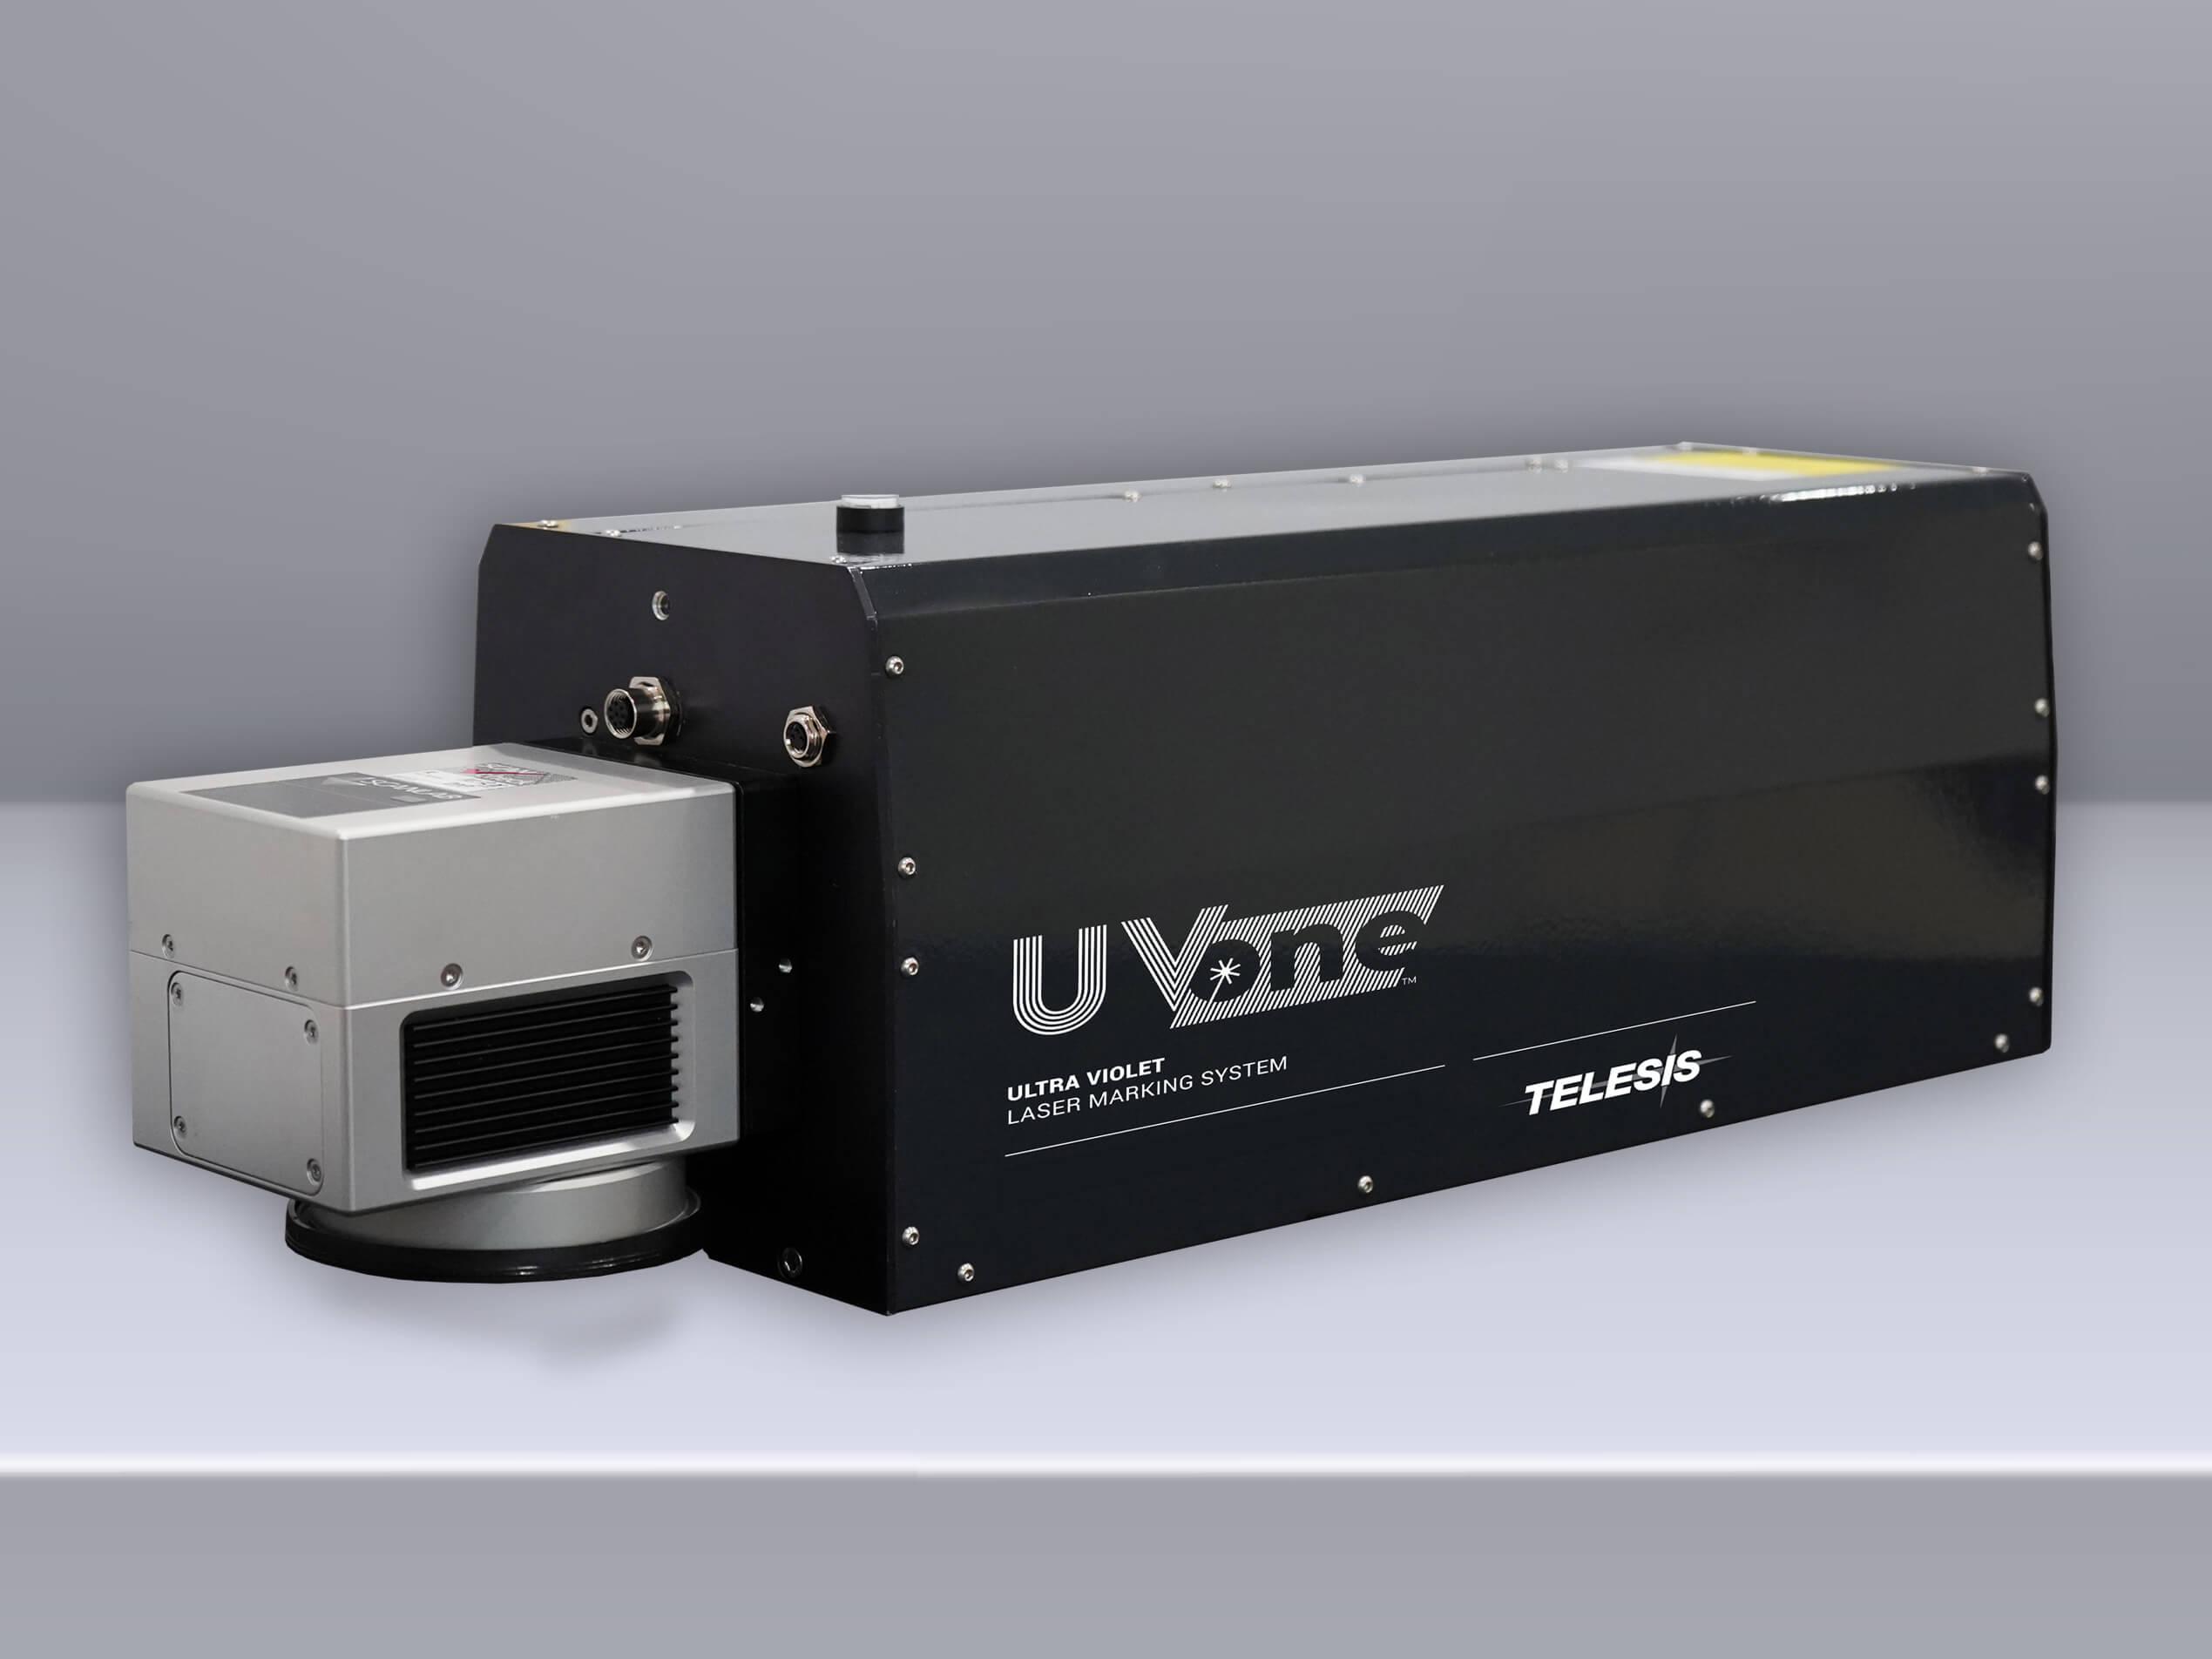 Uv laser marker